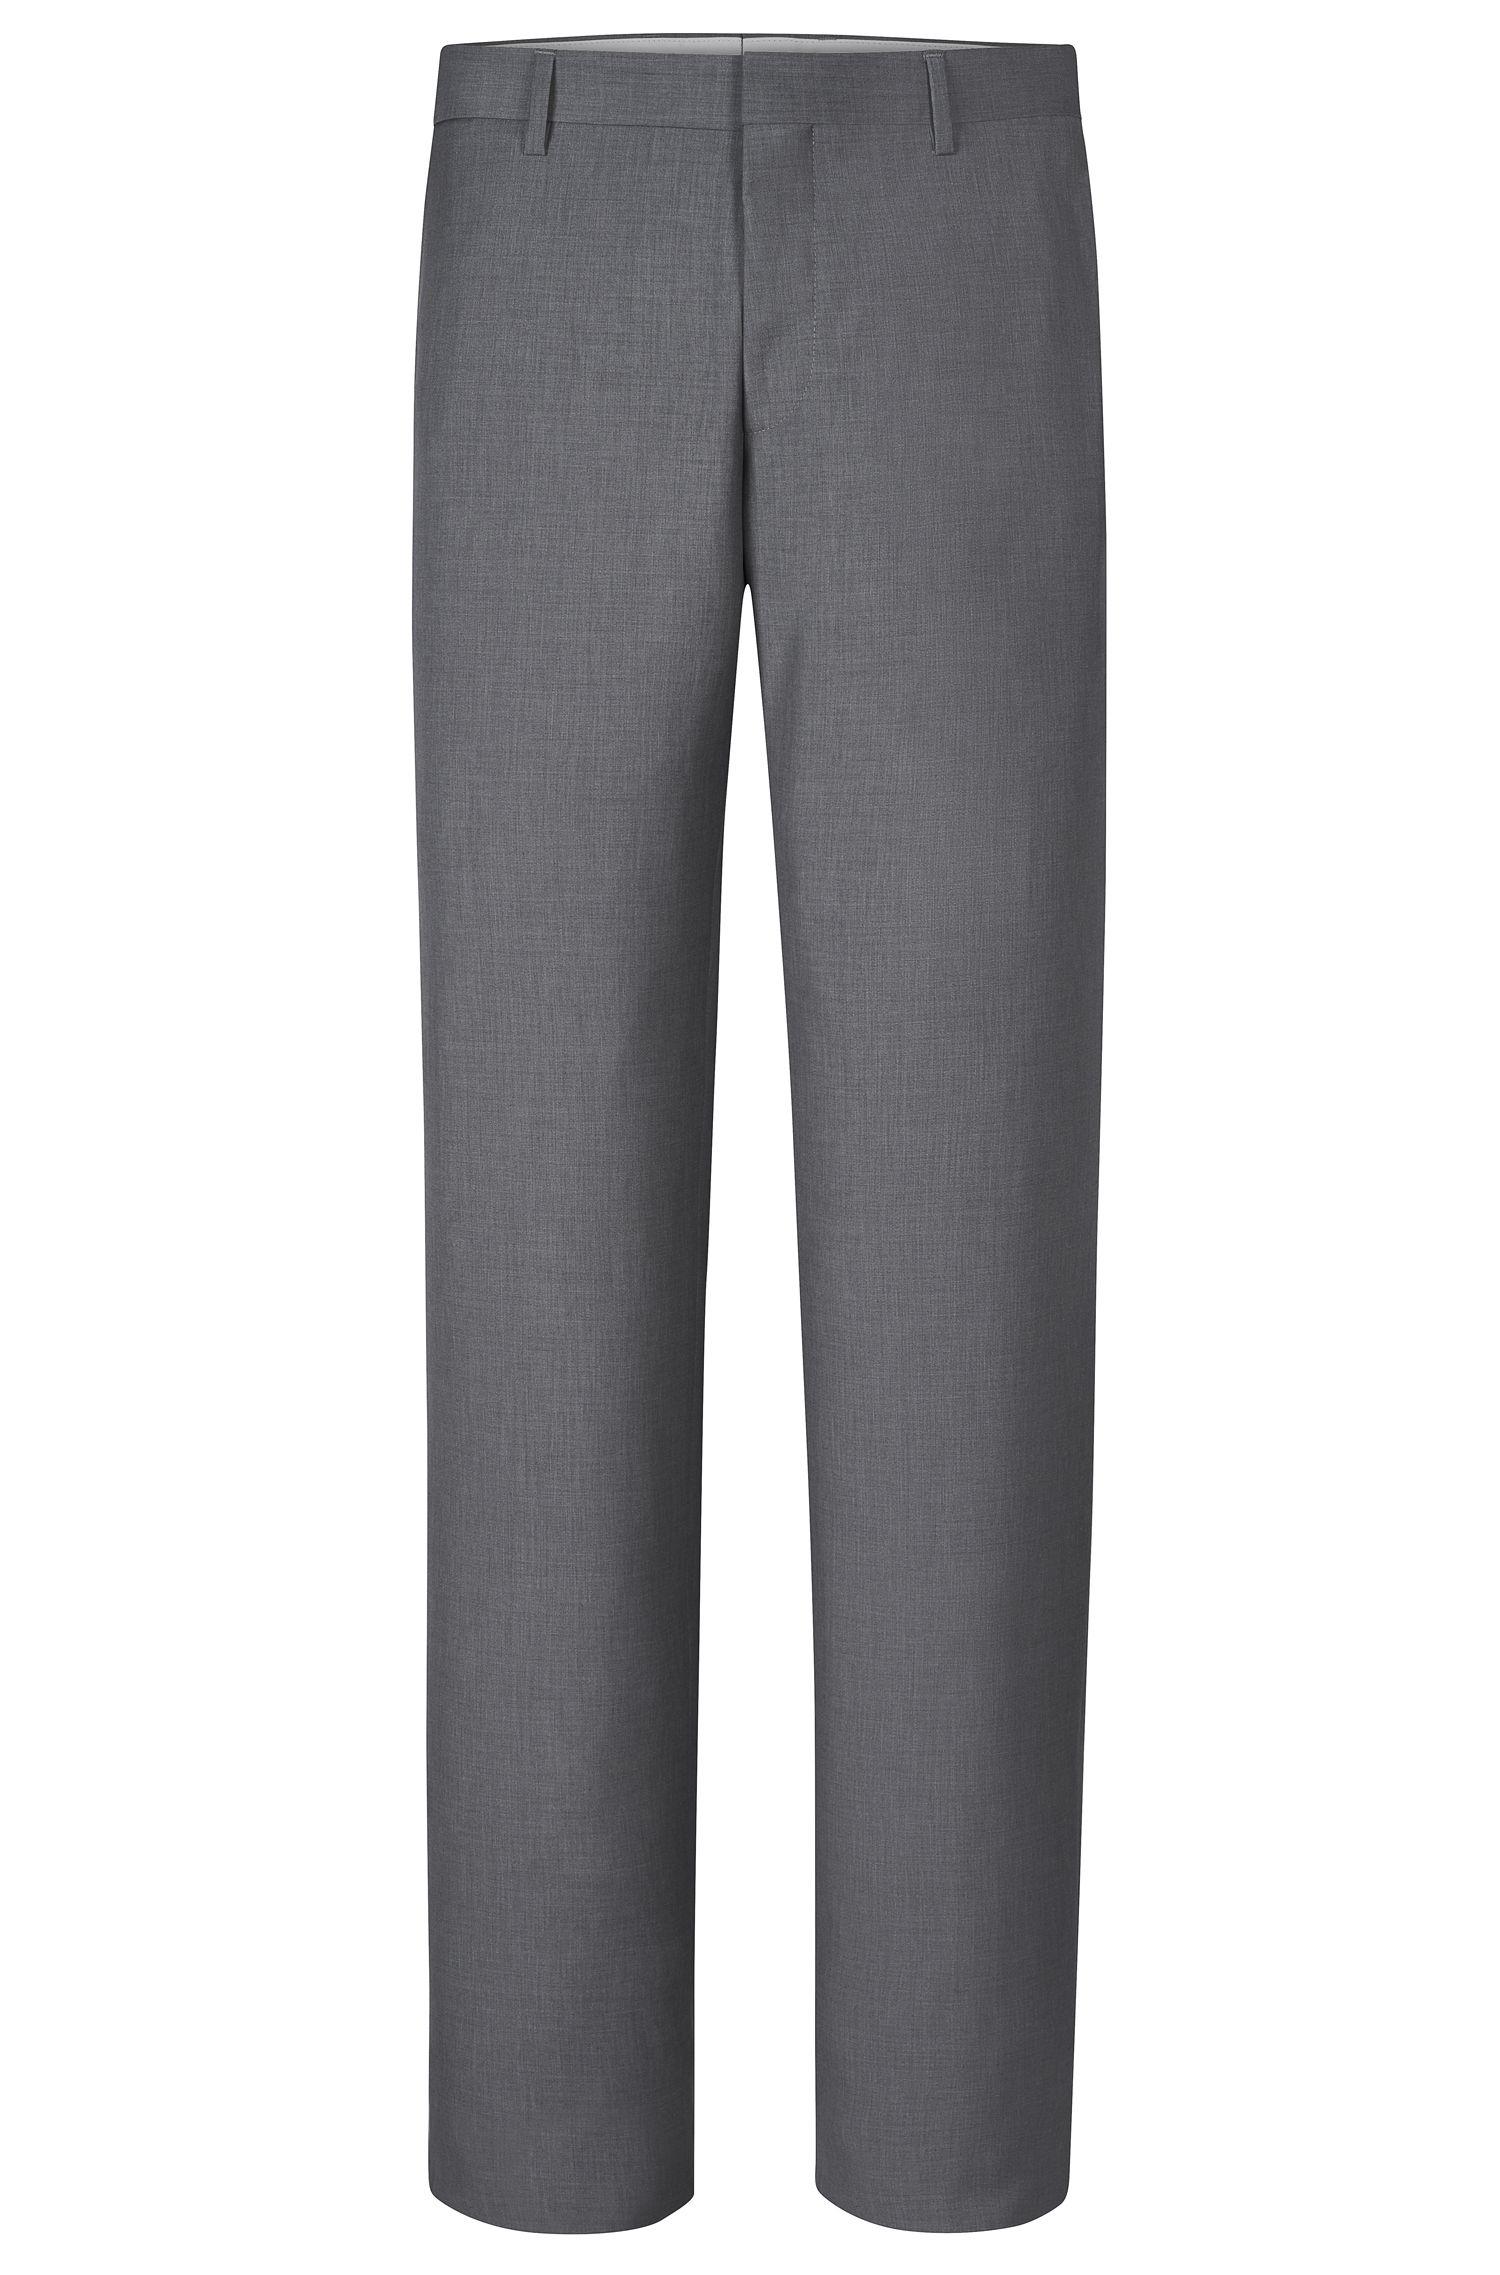 'Genesis' | Slim Fit, Virgin Wool Cashmere Dress Pants